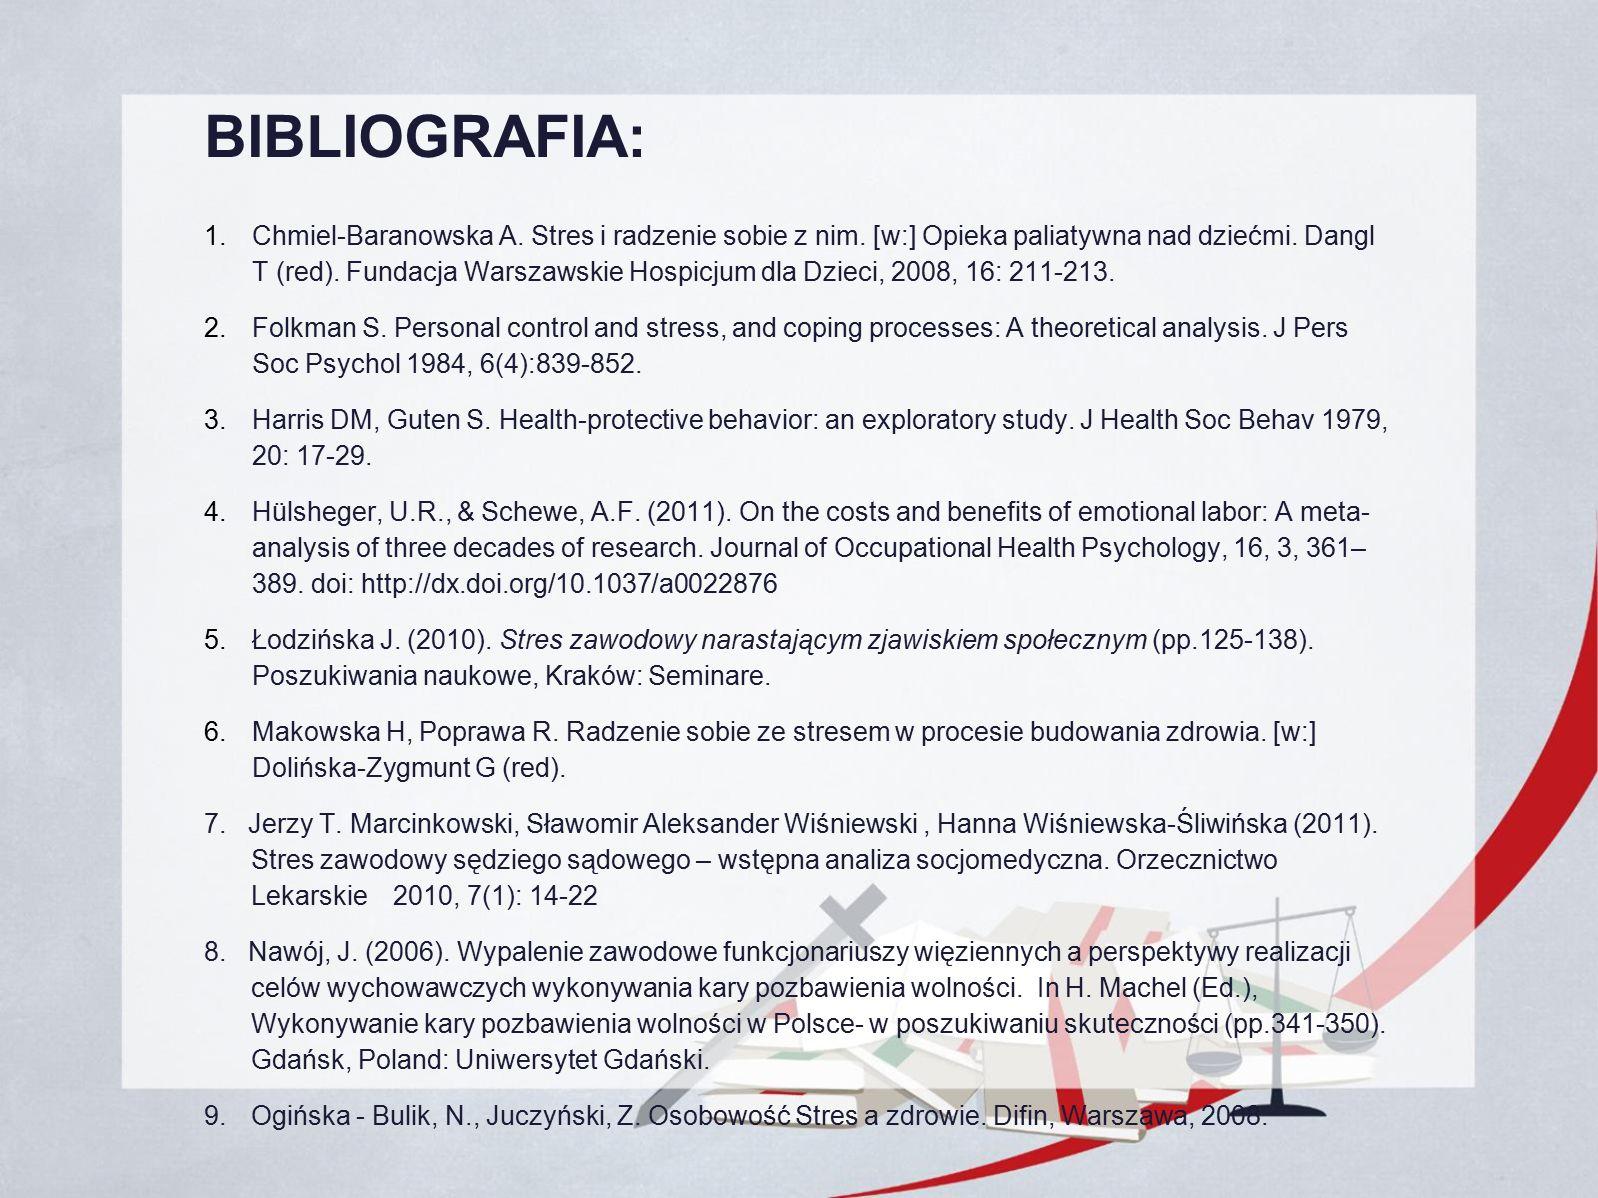 BIBLIOGRAFIA: 1. Chmiel-Baranowska A. Stres i radzenie sobie z nim.